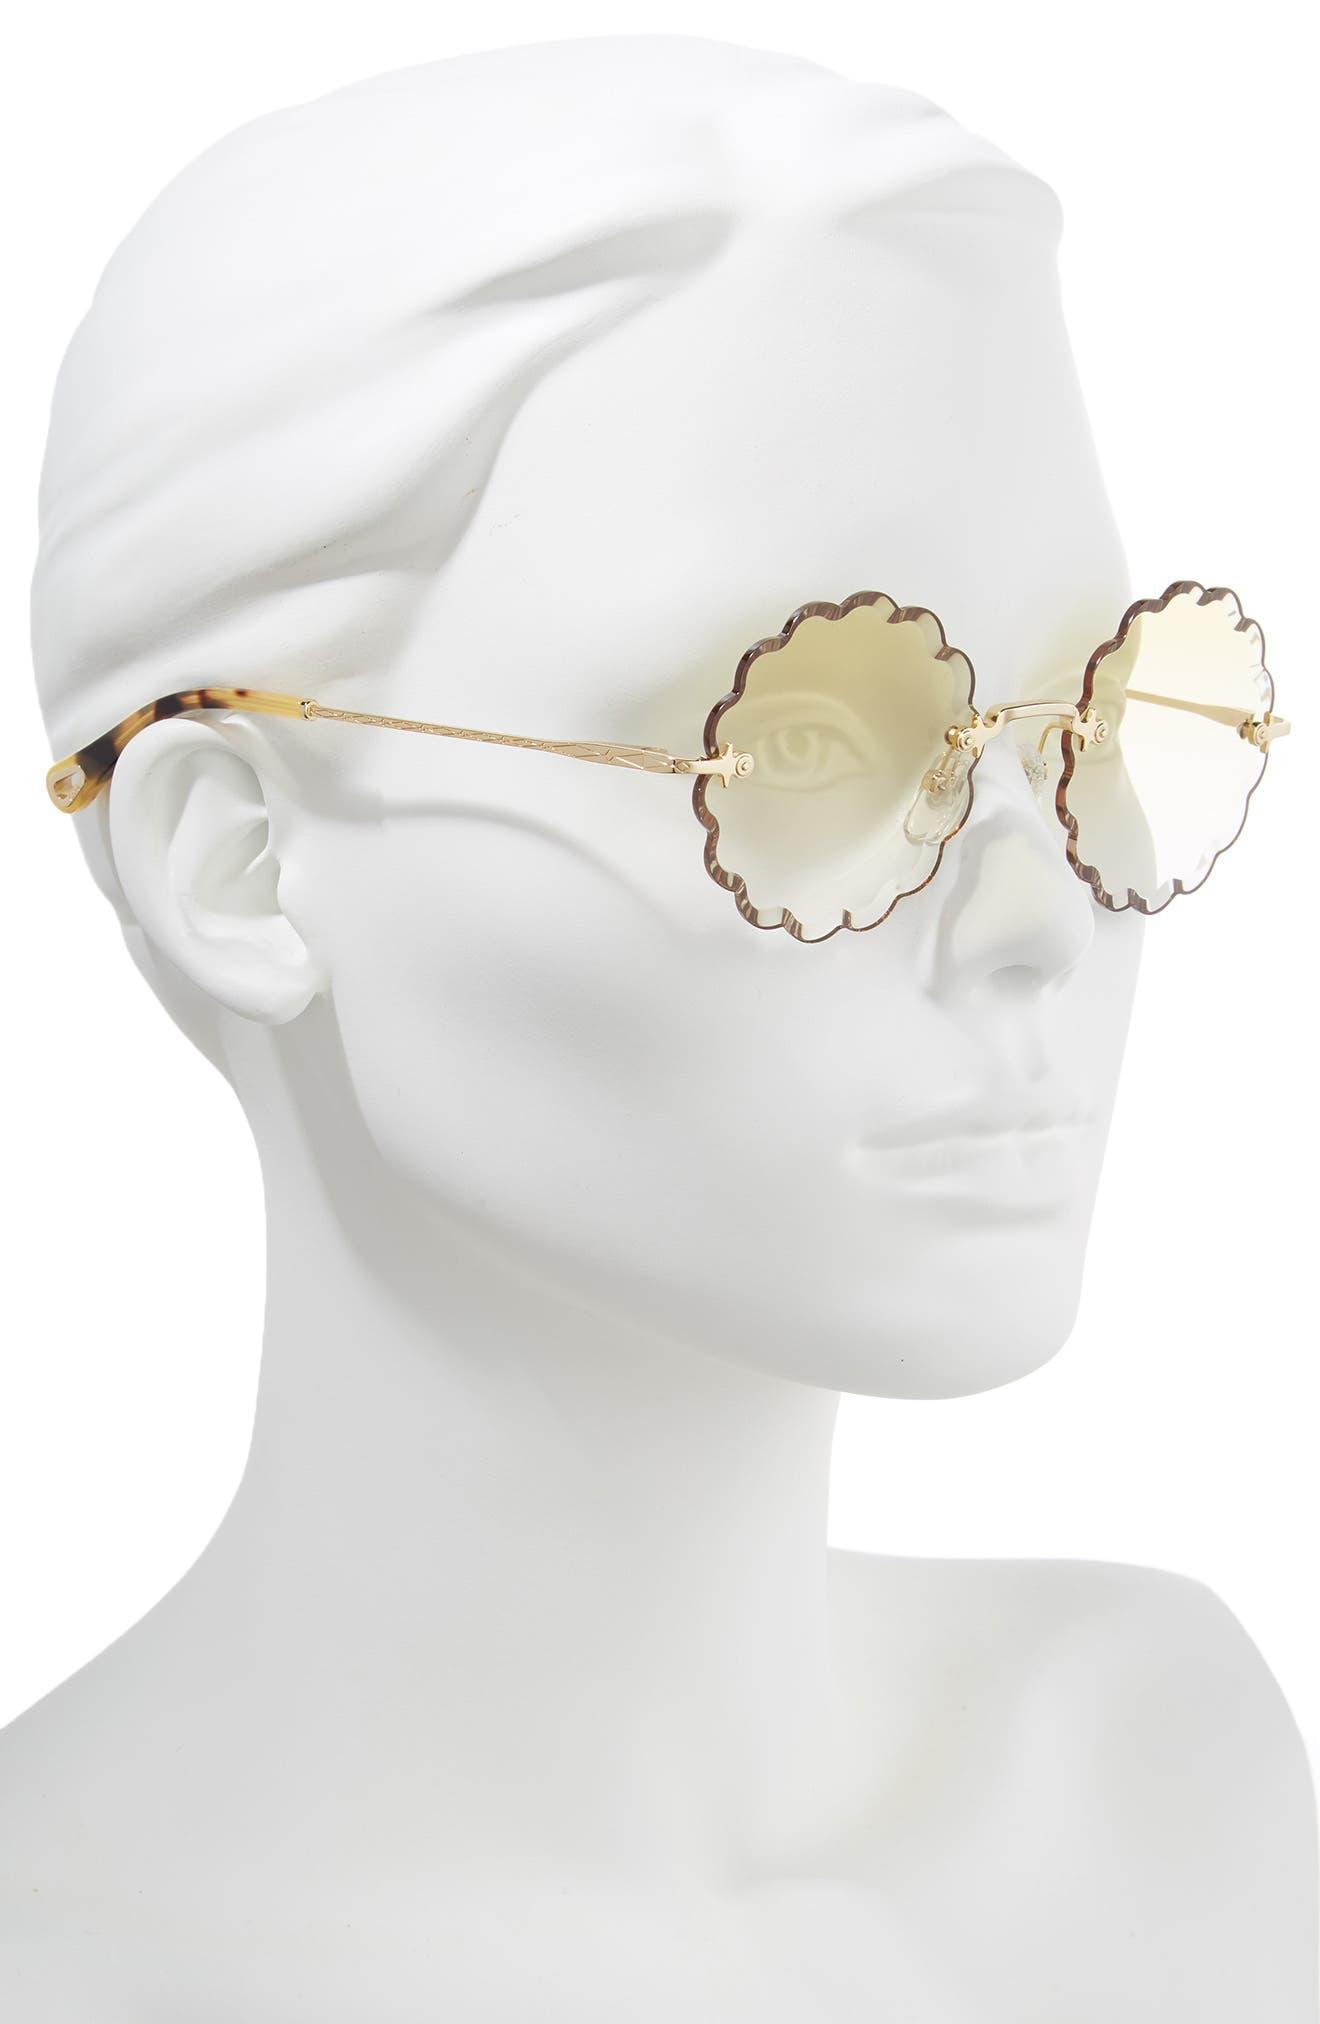 1e25a04042c5 Chloé Sunglasses for Women